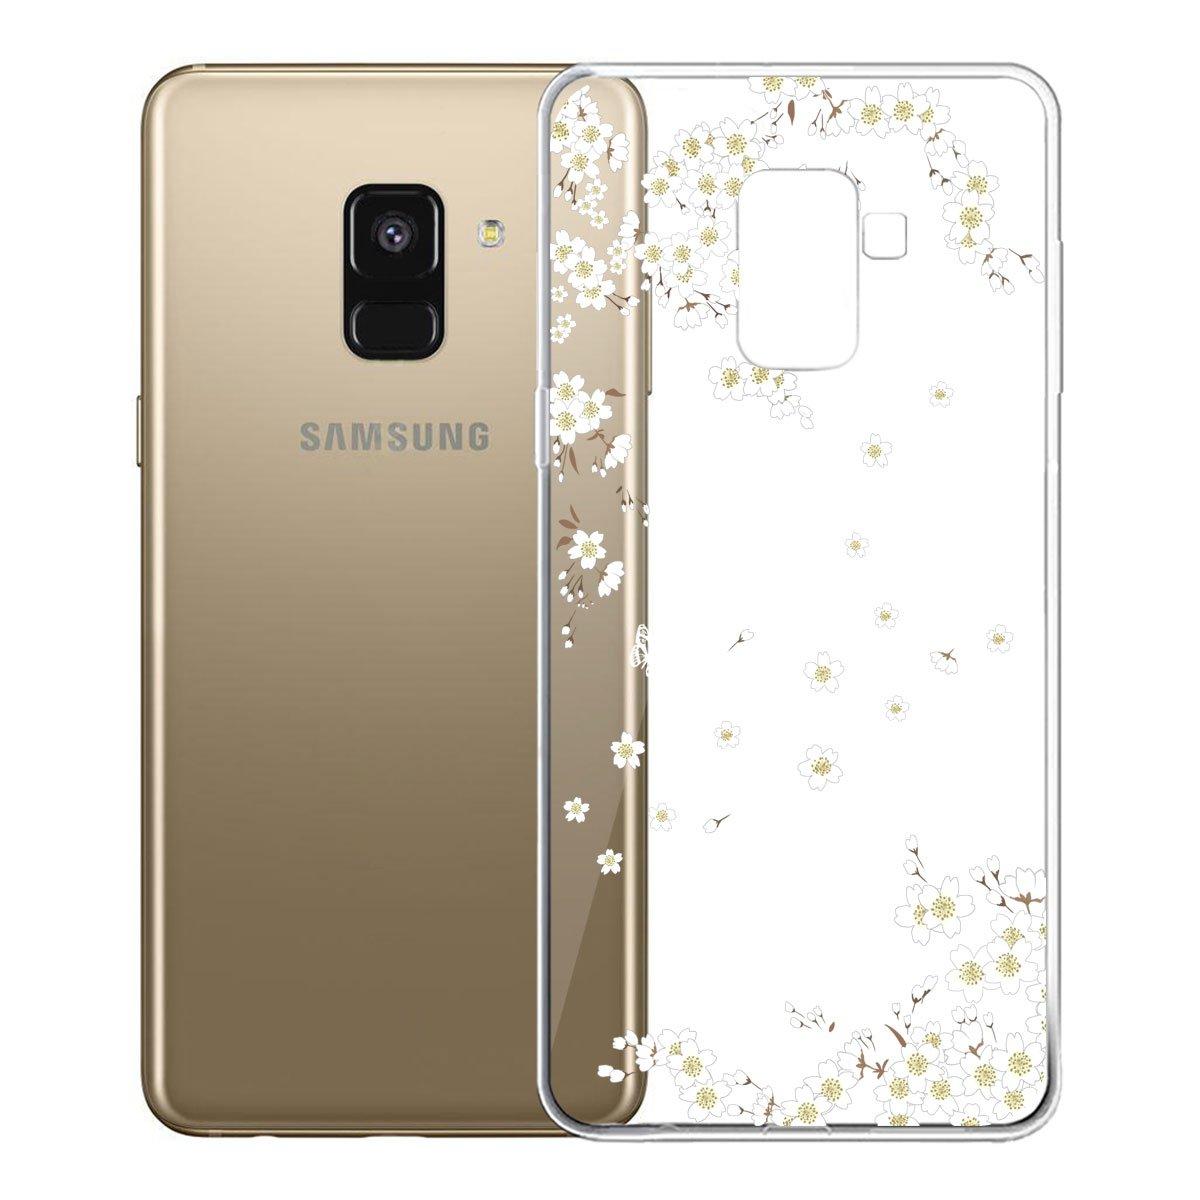 IJIA Custodia per Samsung Galaxy A8 2018 Trasparente Bianco Bello Ewha TPU Silicone Morbido Protettivo Coperchio Protettiva Case Cover SM-A530 5.6